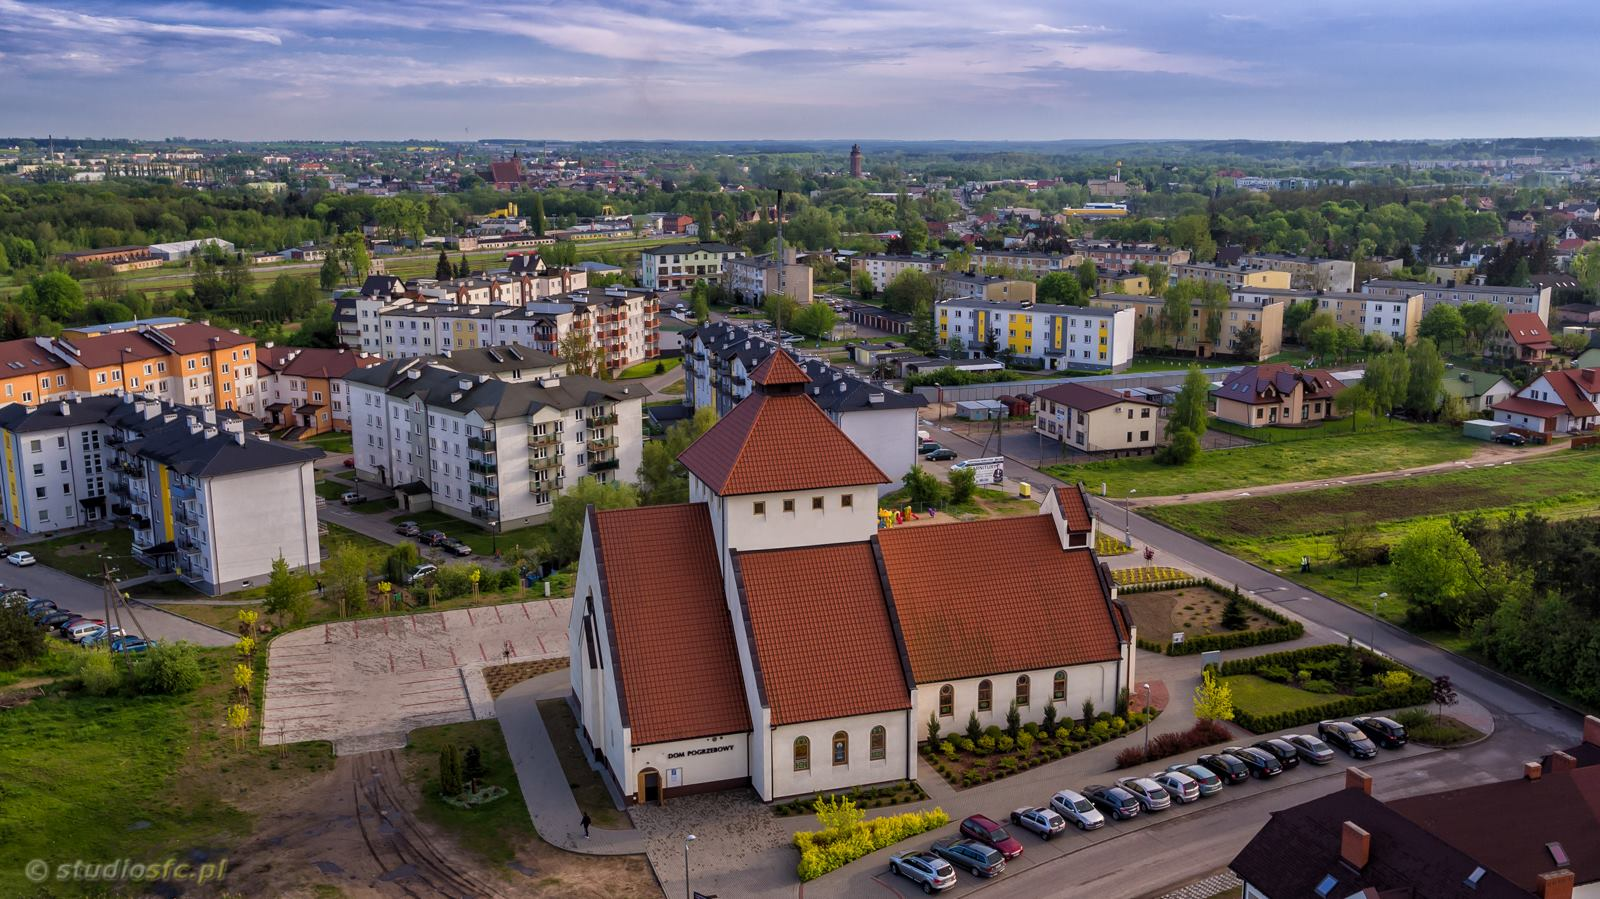 Parafia Rzymskokatolicka pod wezwaniem Jezusa Miłosiernego w Brodnicy